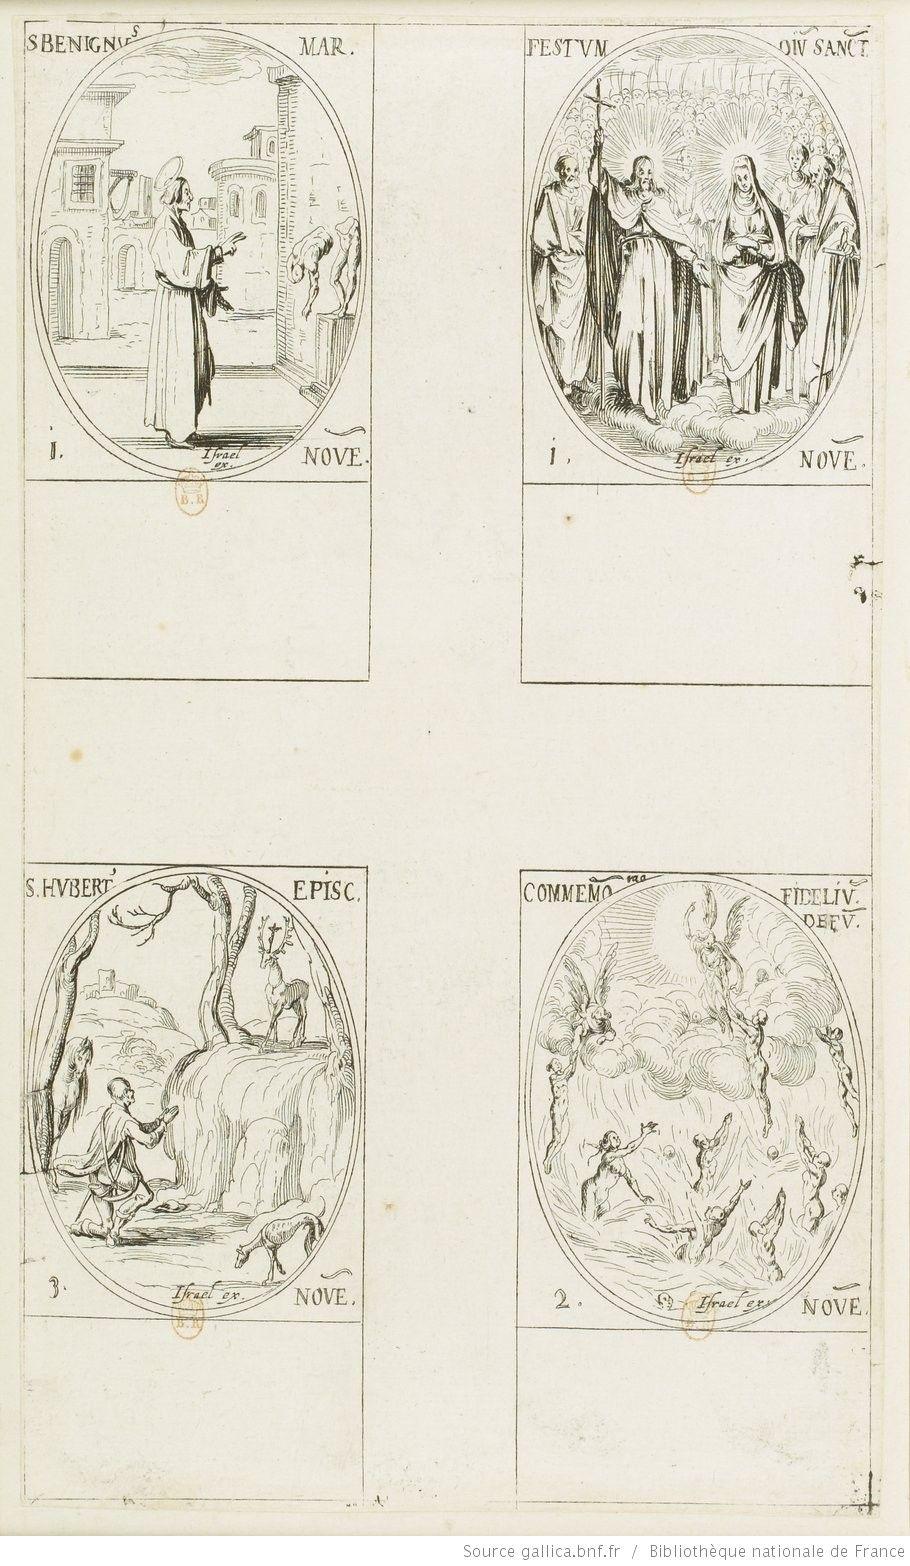 [Les images des saints]. [389-392], [Les images des saints. Quatre-vingt-dix-huitième planche] : [novembre] : [estampe] / [Jacques Callot]